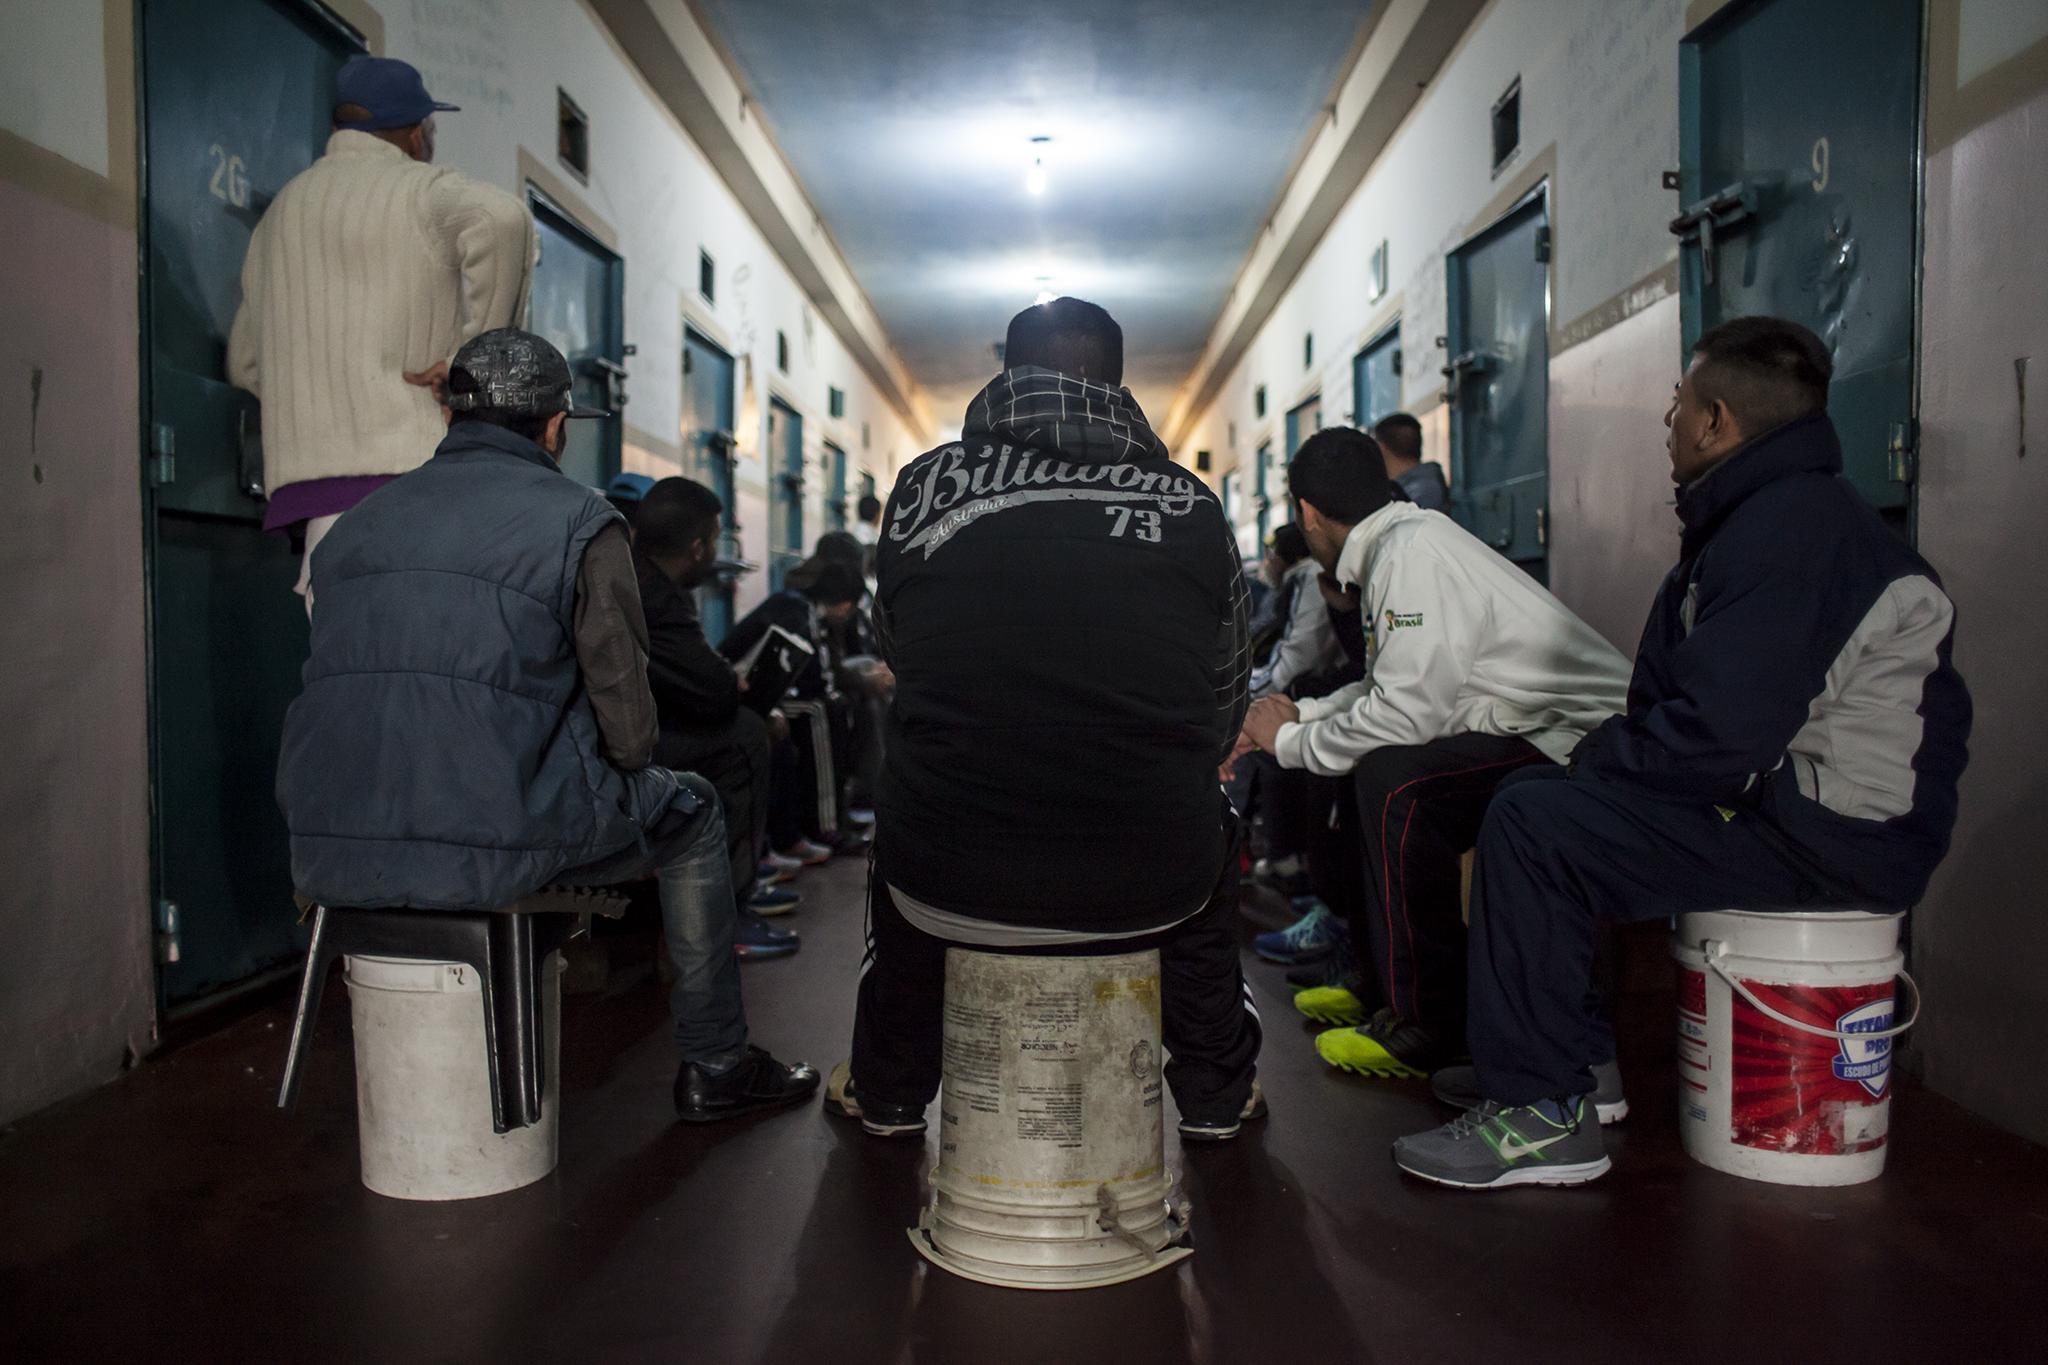 En prisión las probabilidades de morir asesinado se multiplican por cinco respecto a quienes viven en libertad